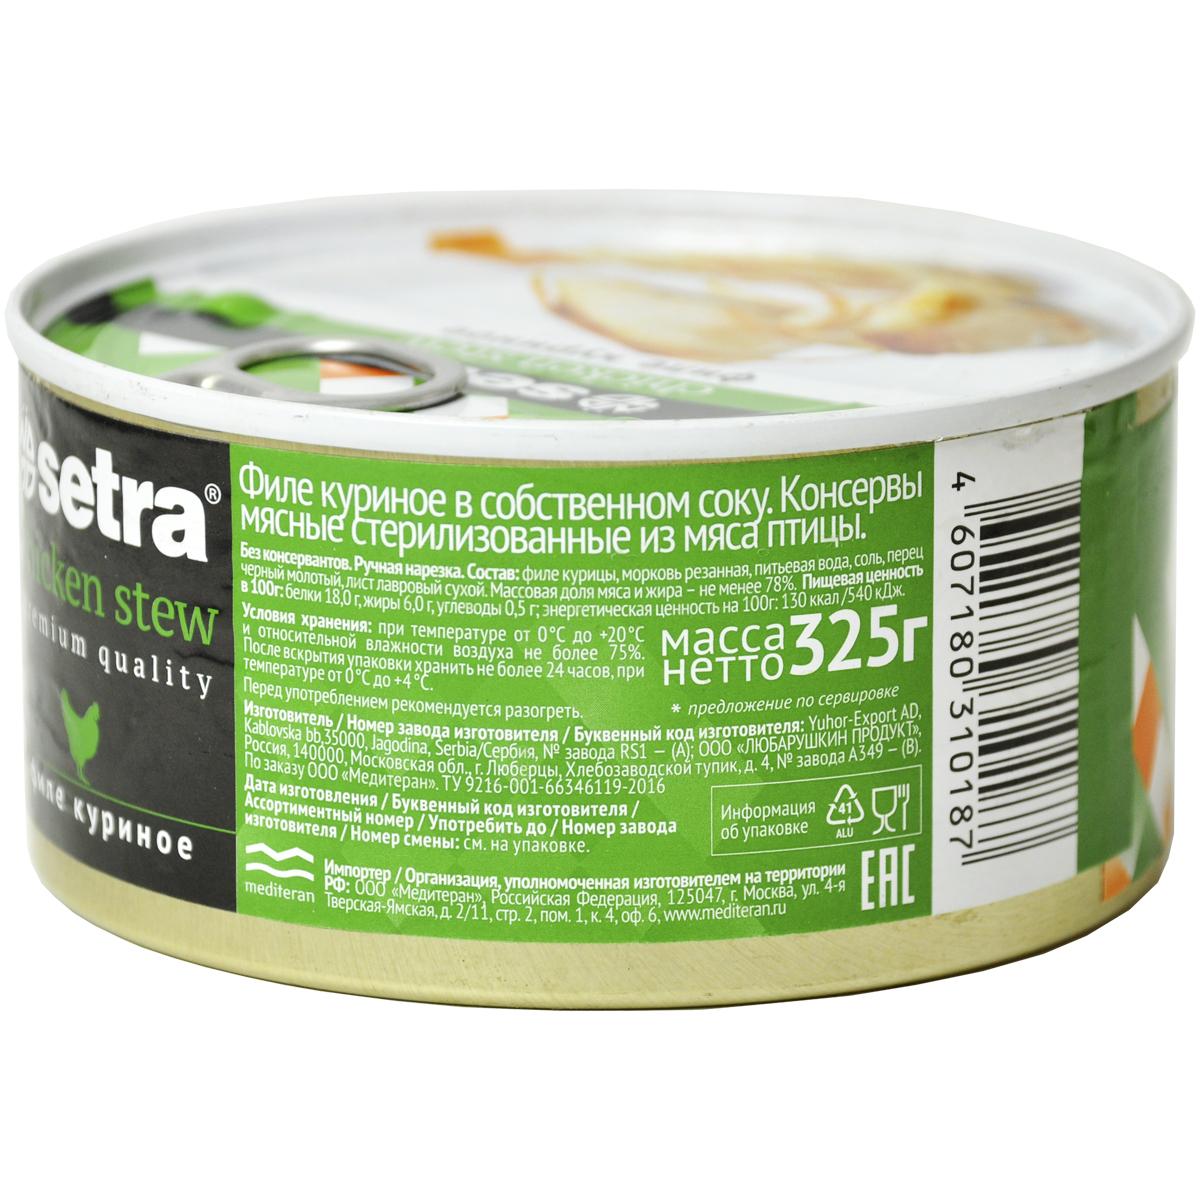 Setra Филе куриное в собственном соку, 325г